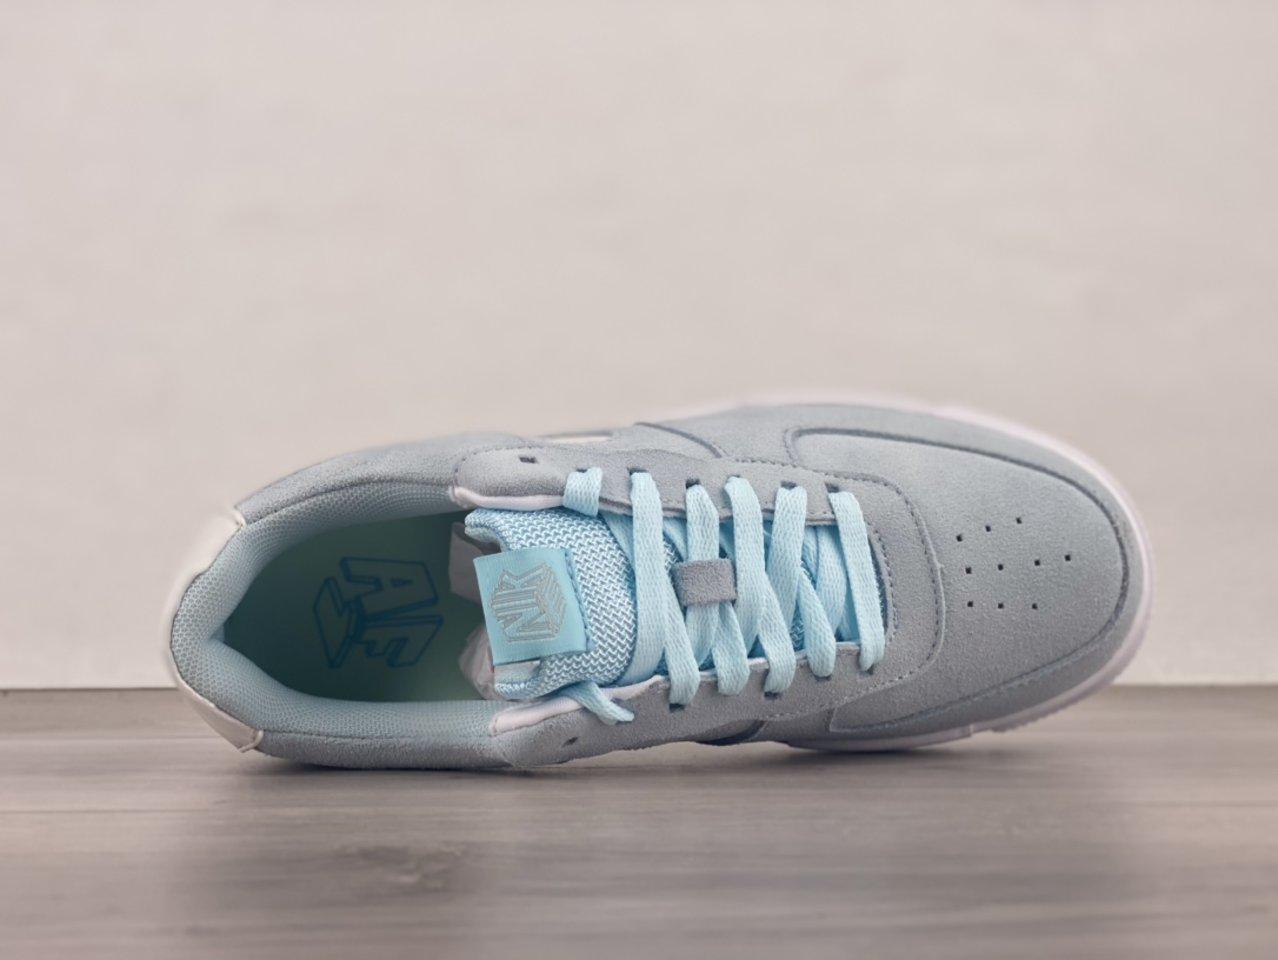 Nike Air Force 1 Pixel Glacier Blue Casual Shoes DH3855-400 shoelace